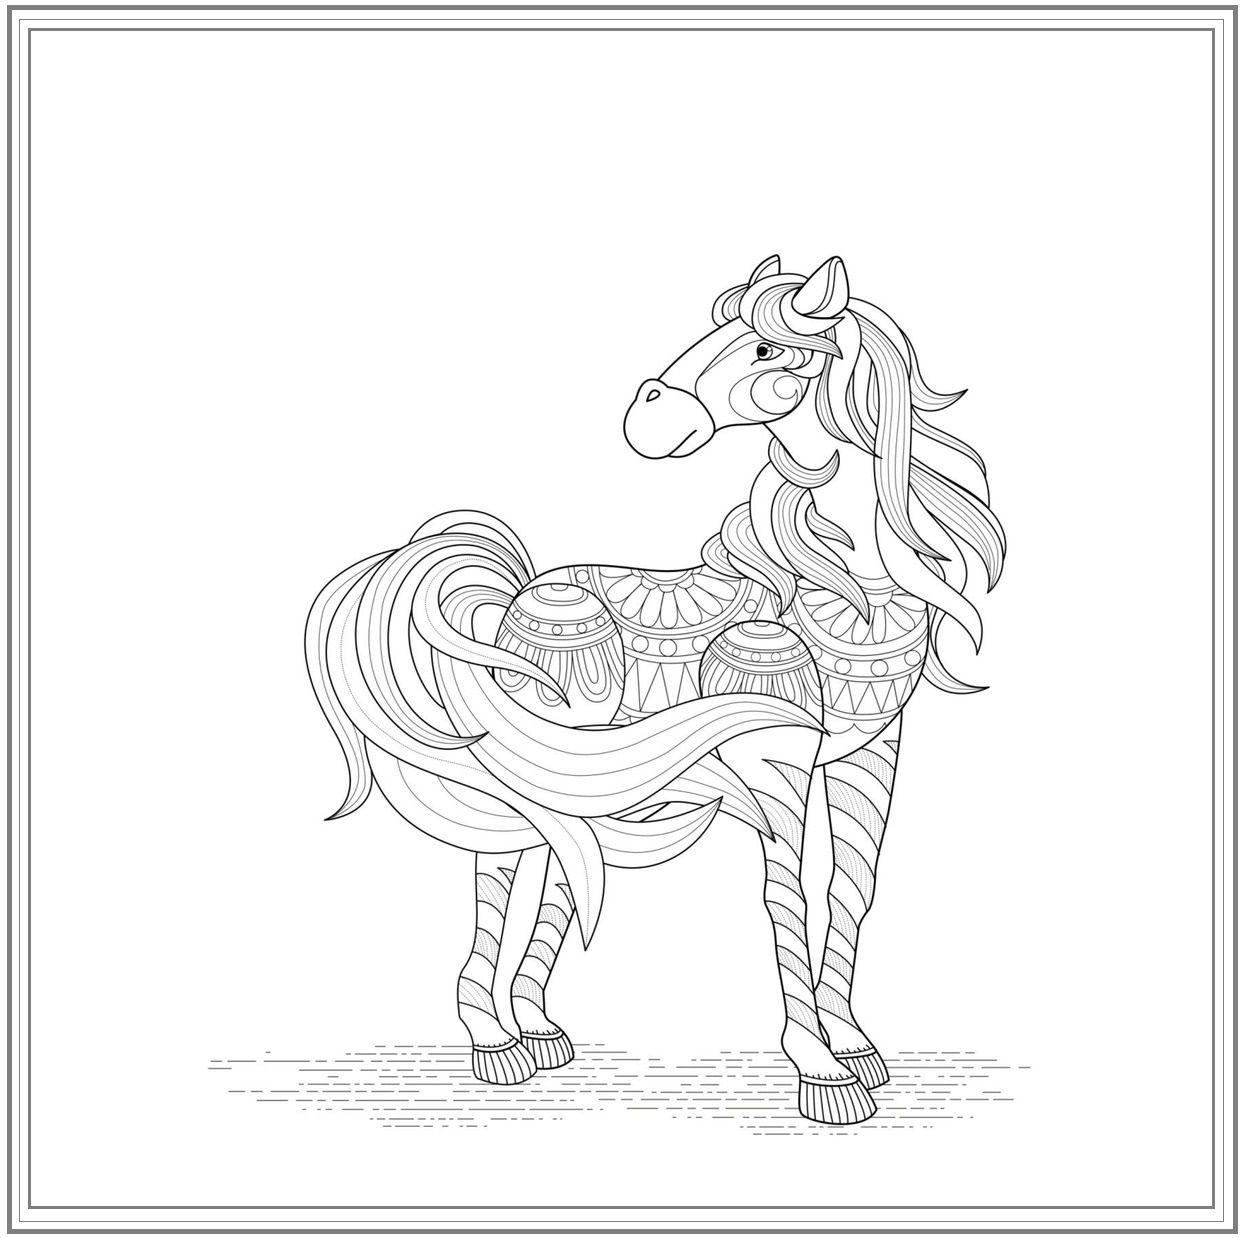 Het Paard Van Sinterklaas Kleurplaten Sinterklaas Paarden